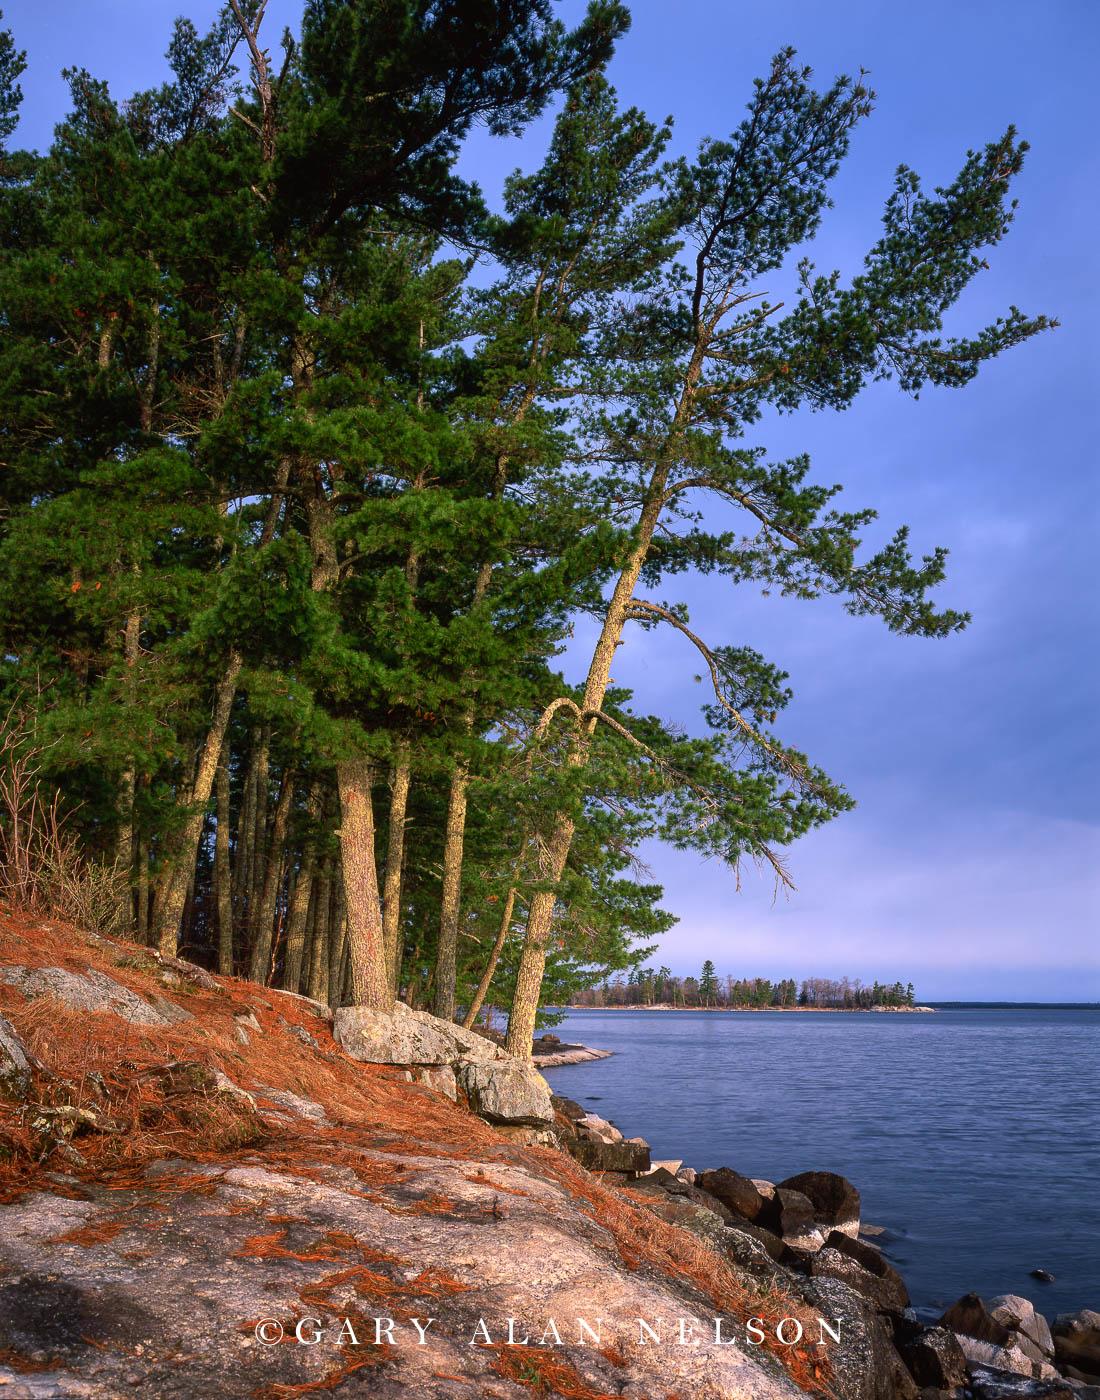 voyageurs national park, minnesota, kabetogama lake, white pine, photo